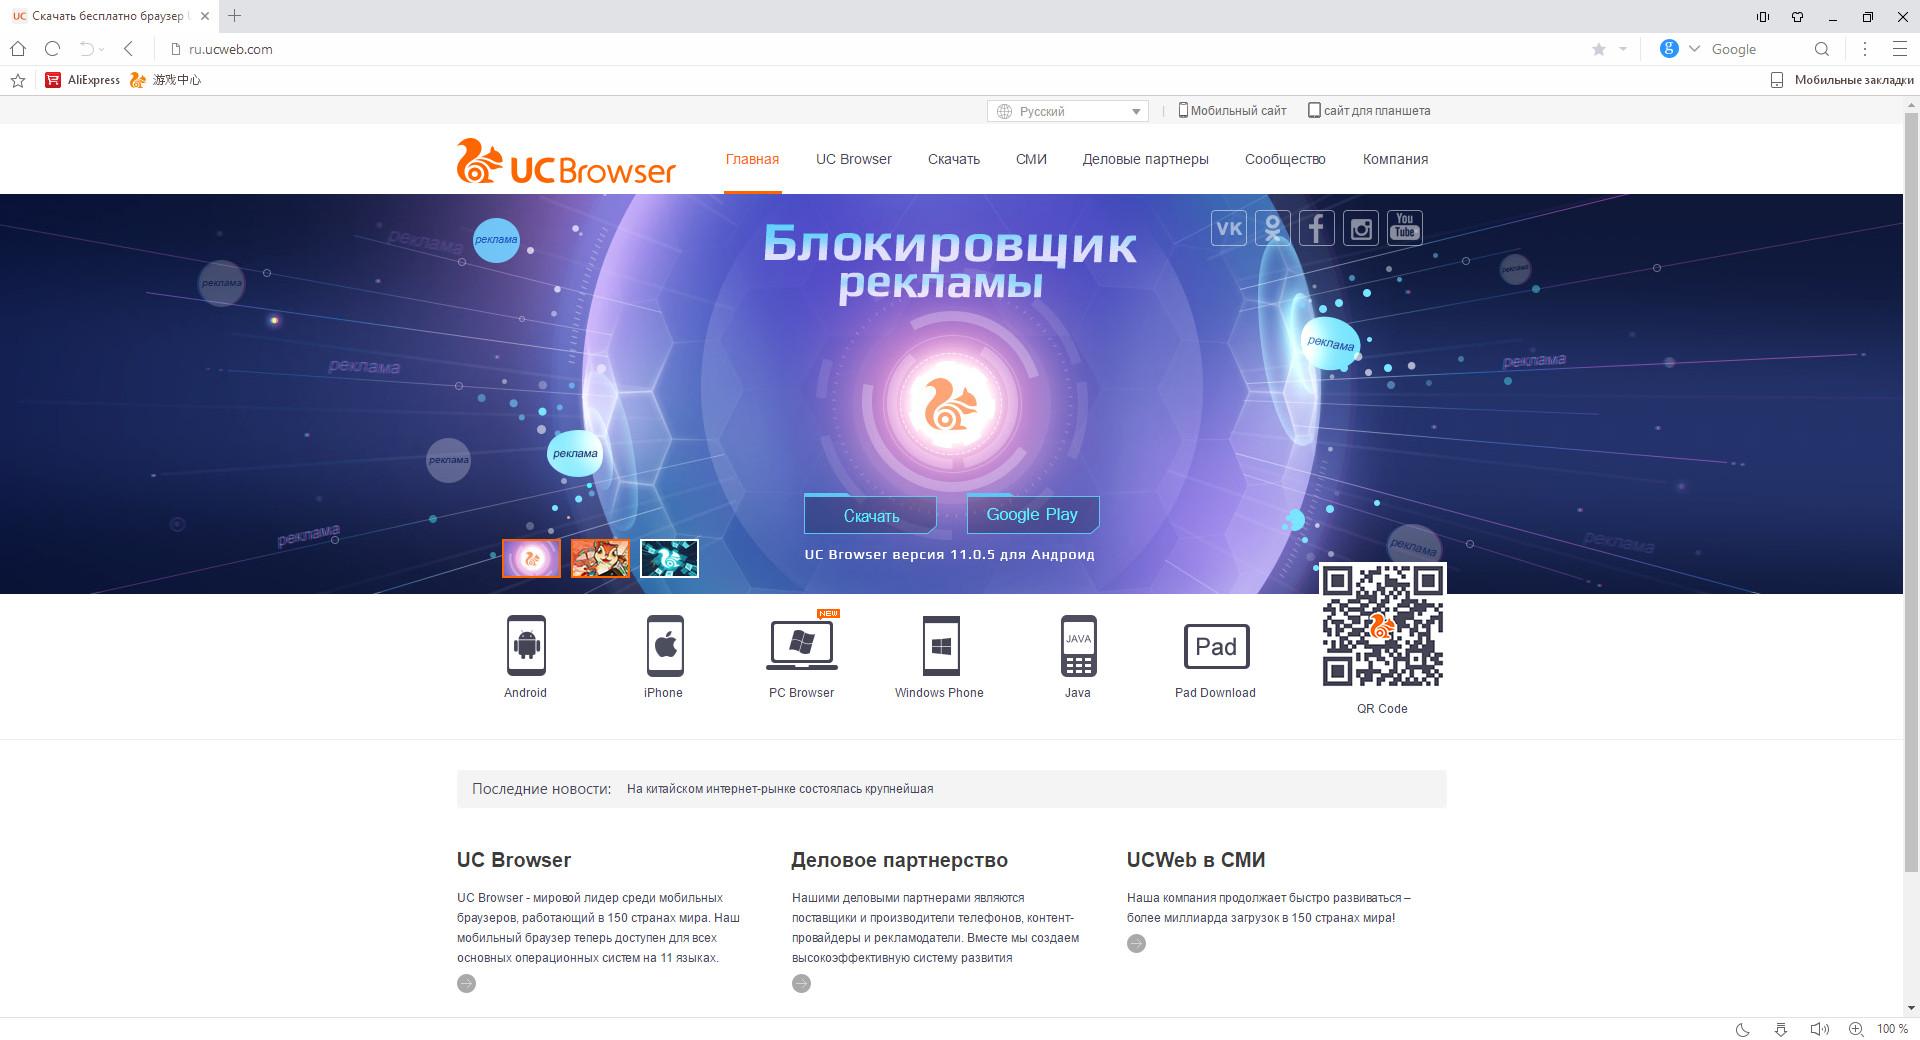 Как сделать мобильную версию сайта для посетителей